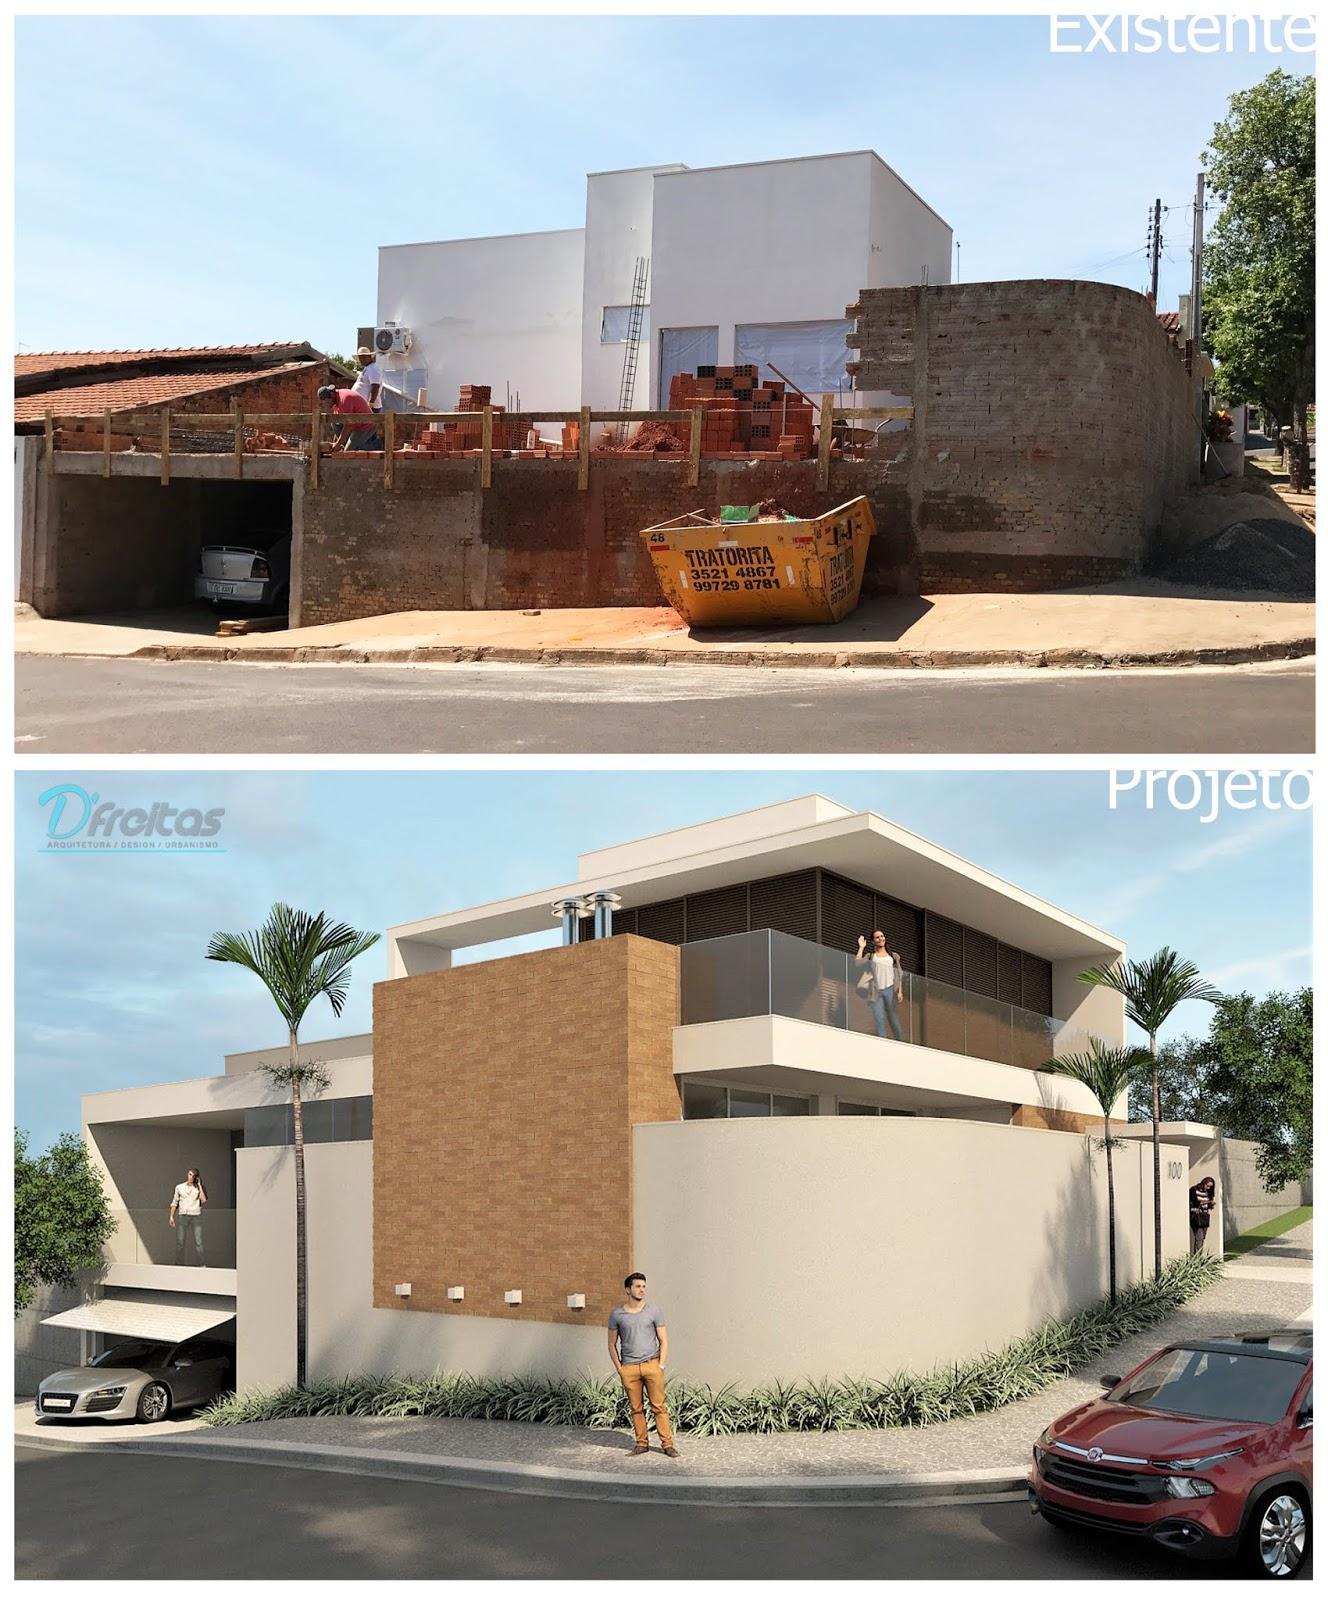 e5552c4d6b20d Projeto Arquitetônico - Ampliação. Existente Residencial Itapuã. Postado  por Arq. Thiago de Freitas ...